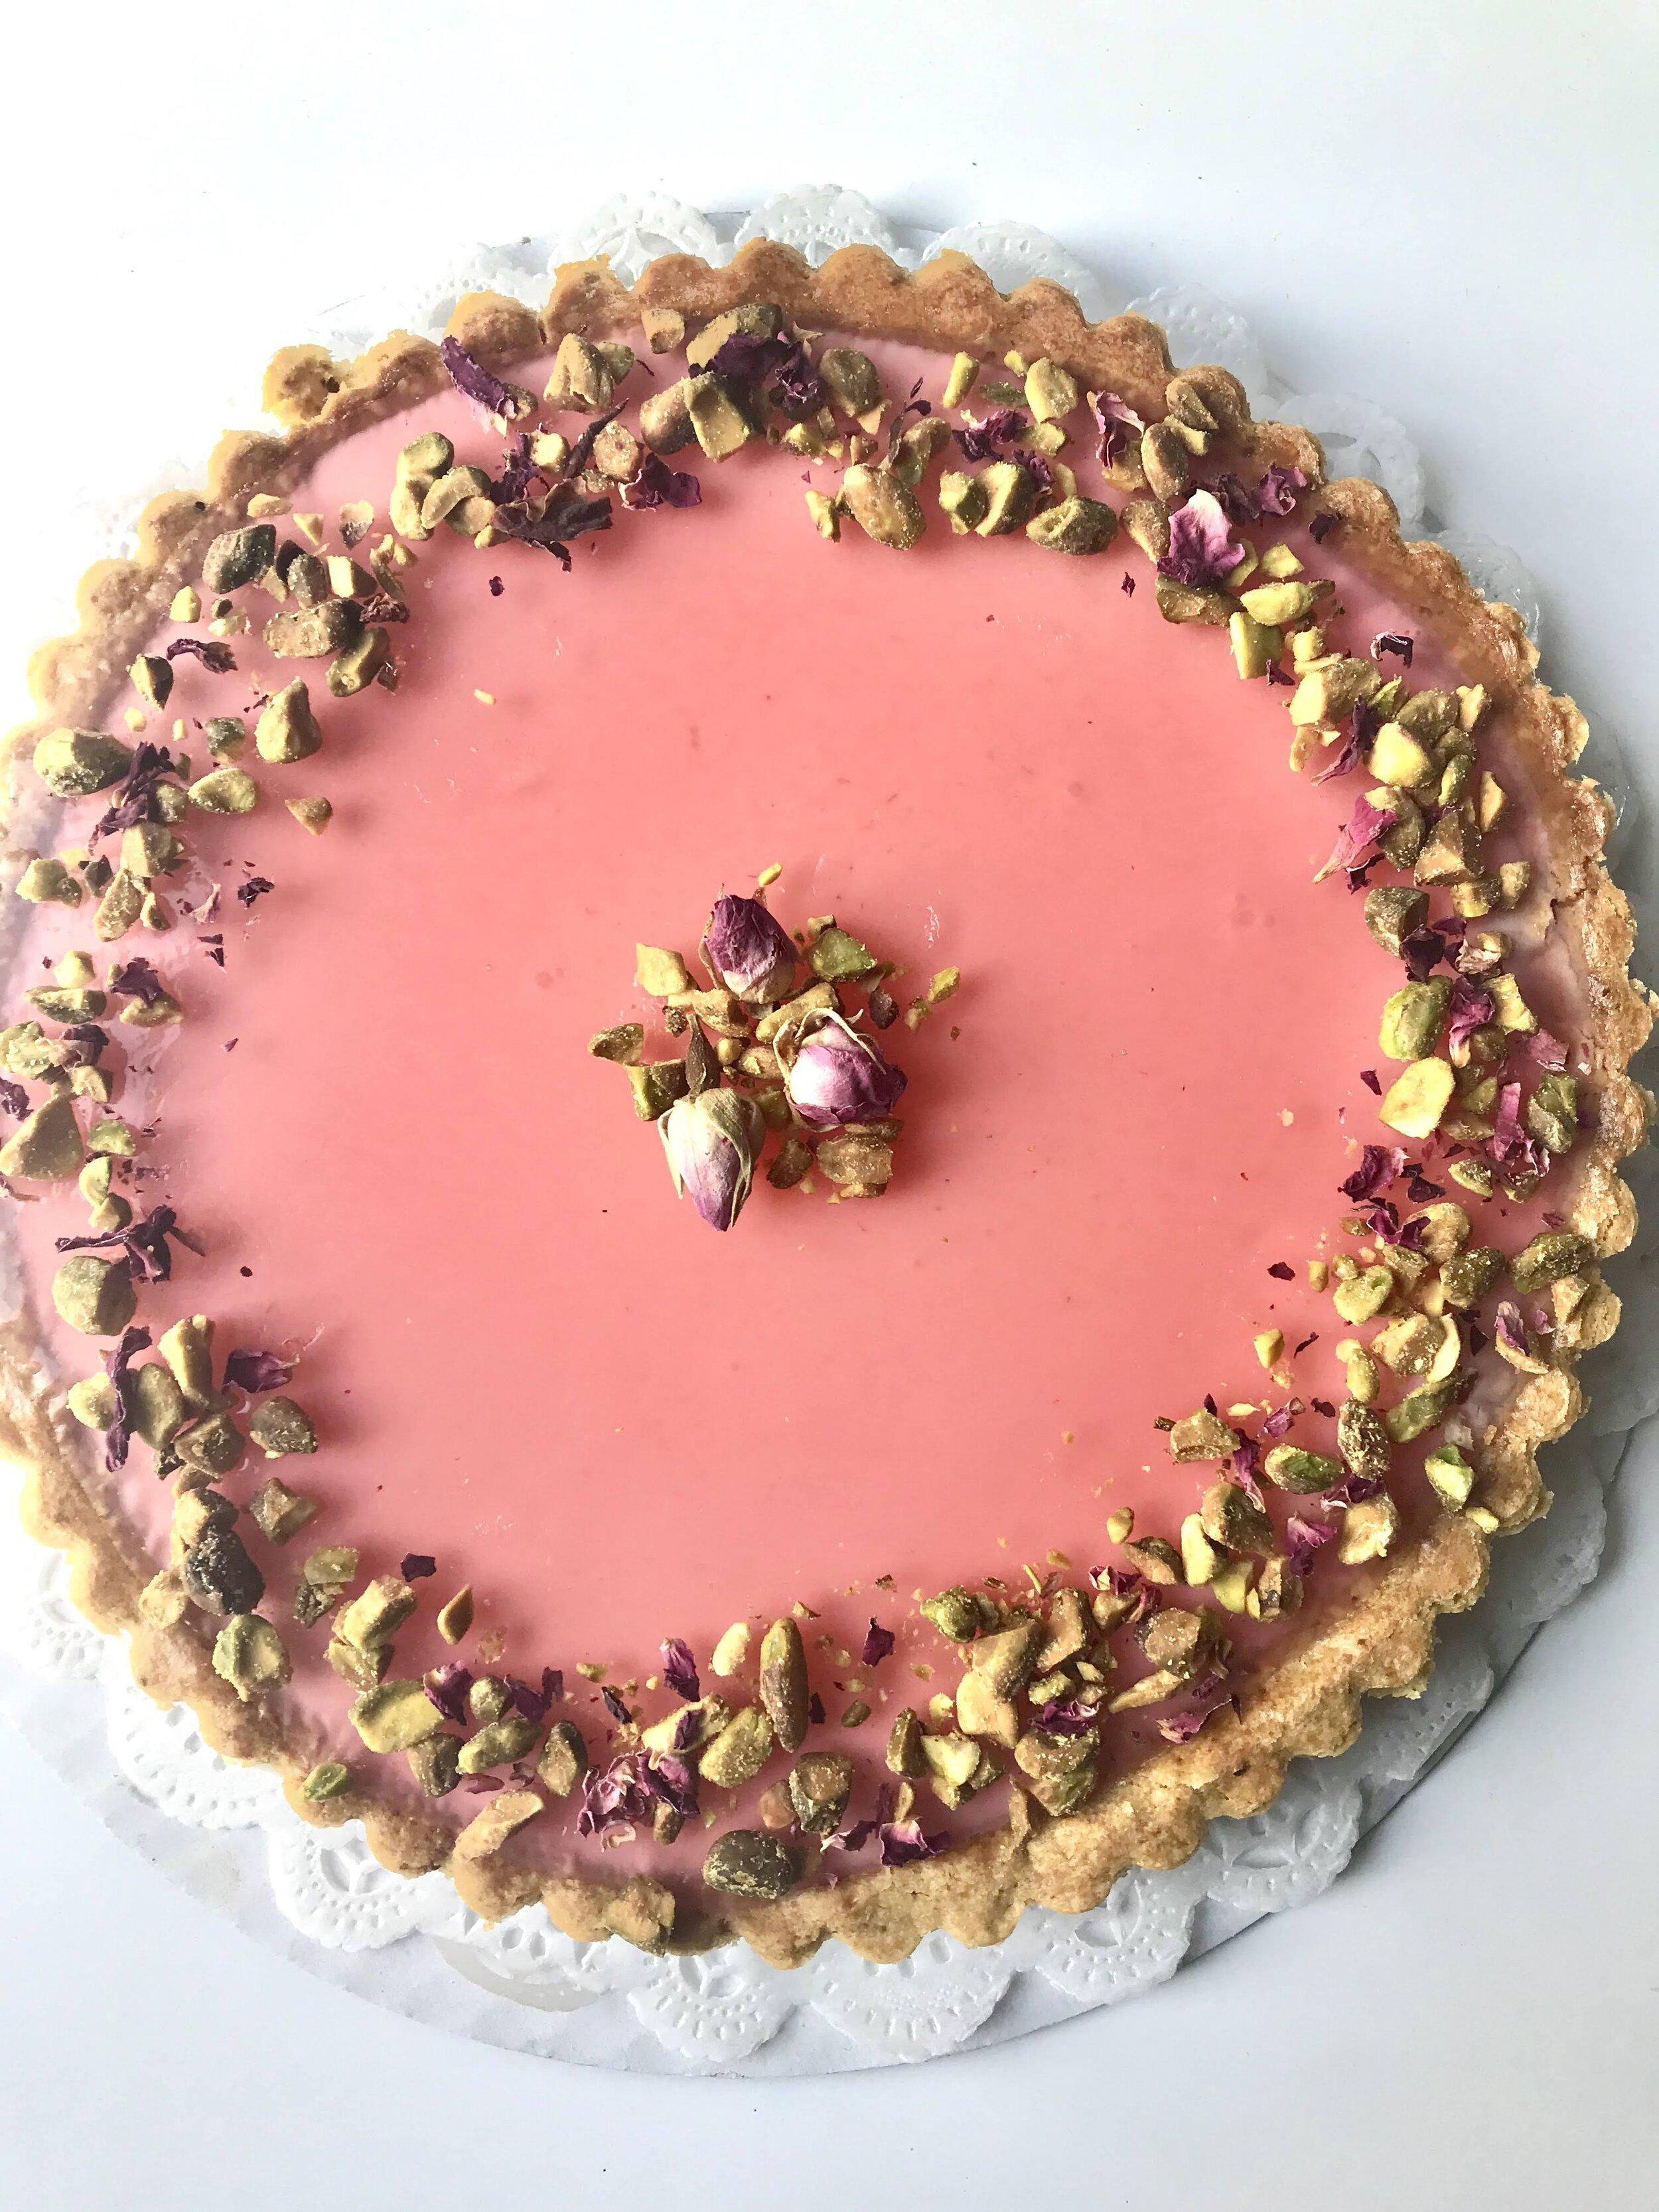 pistachio rose panna cotta tart.jpg